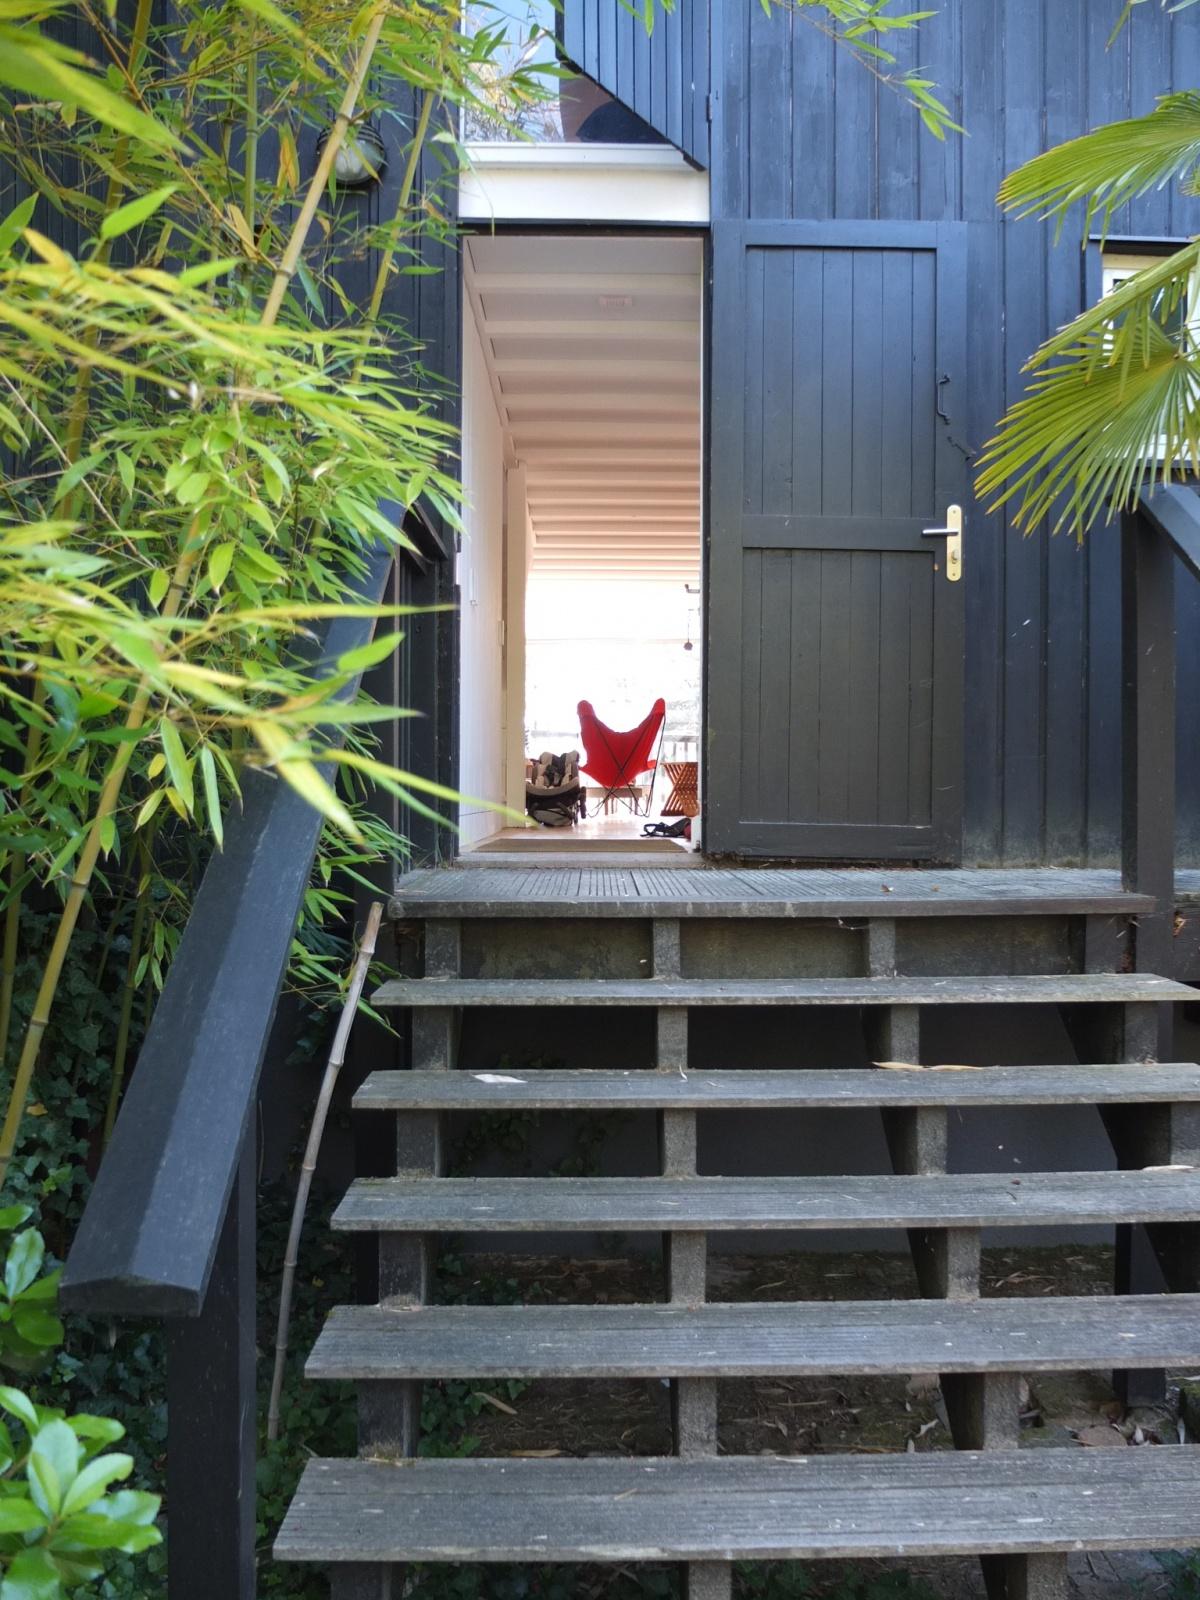 Réhabilitation d'une maison sur pilotis à Lacanau : DSCF5742.JPG